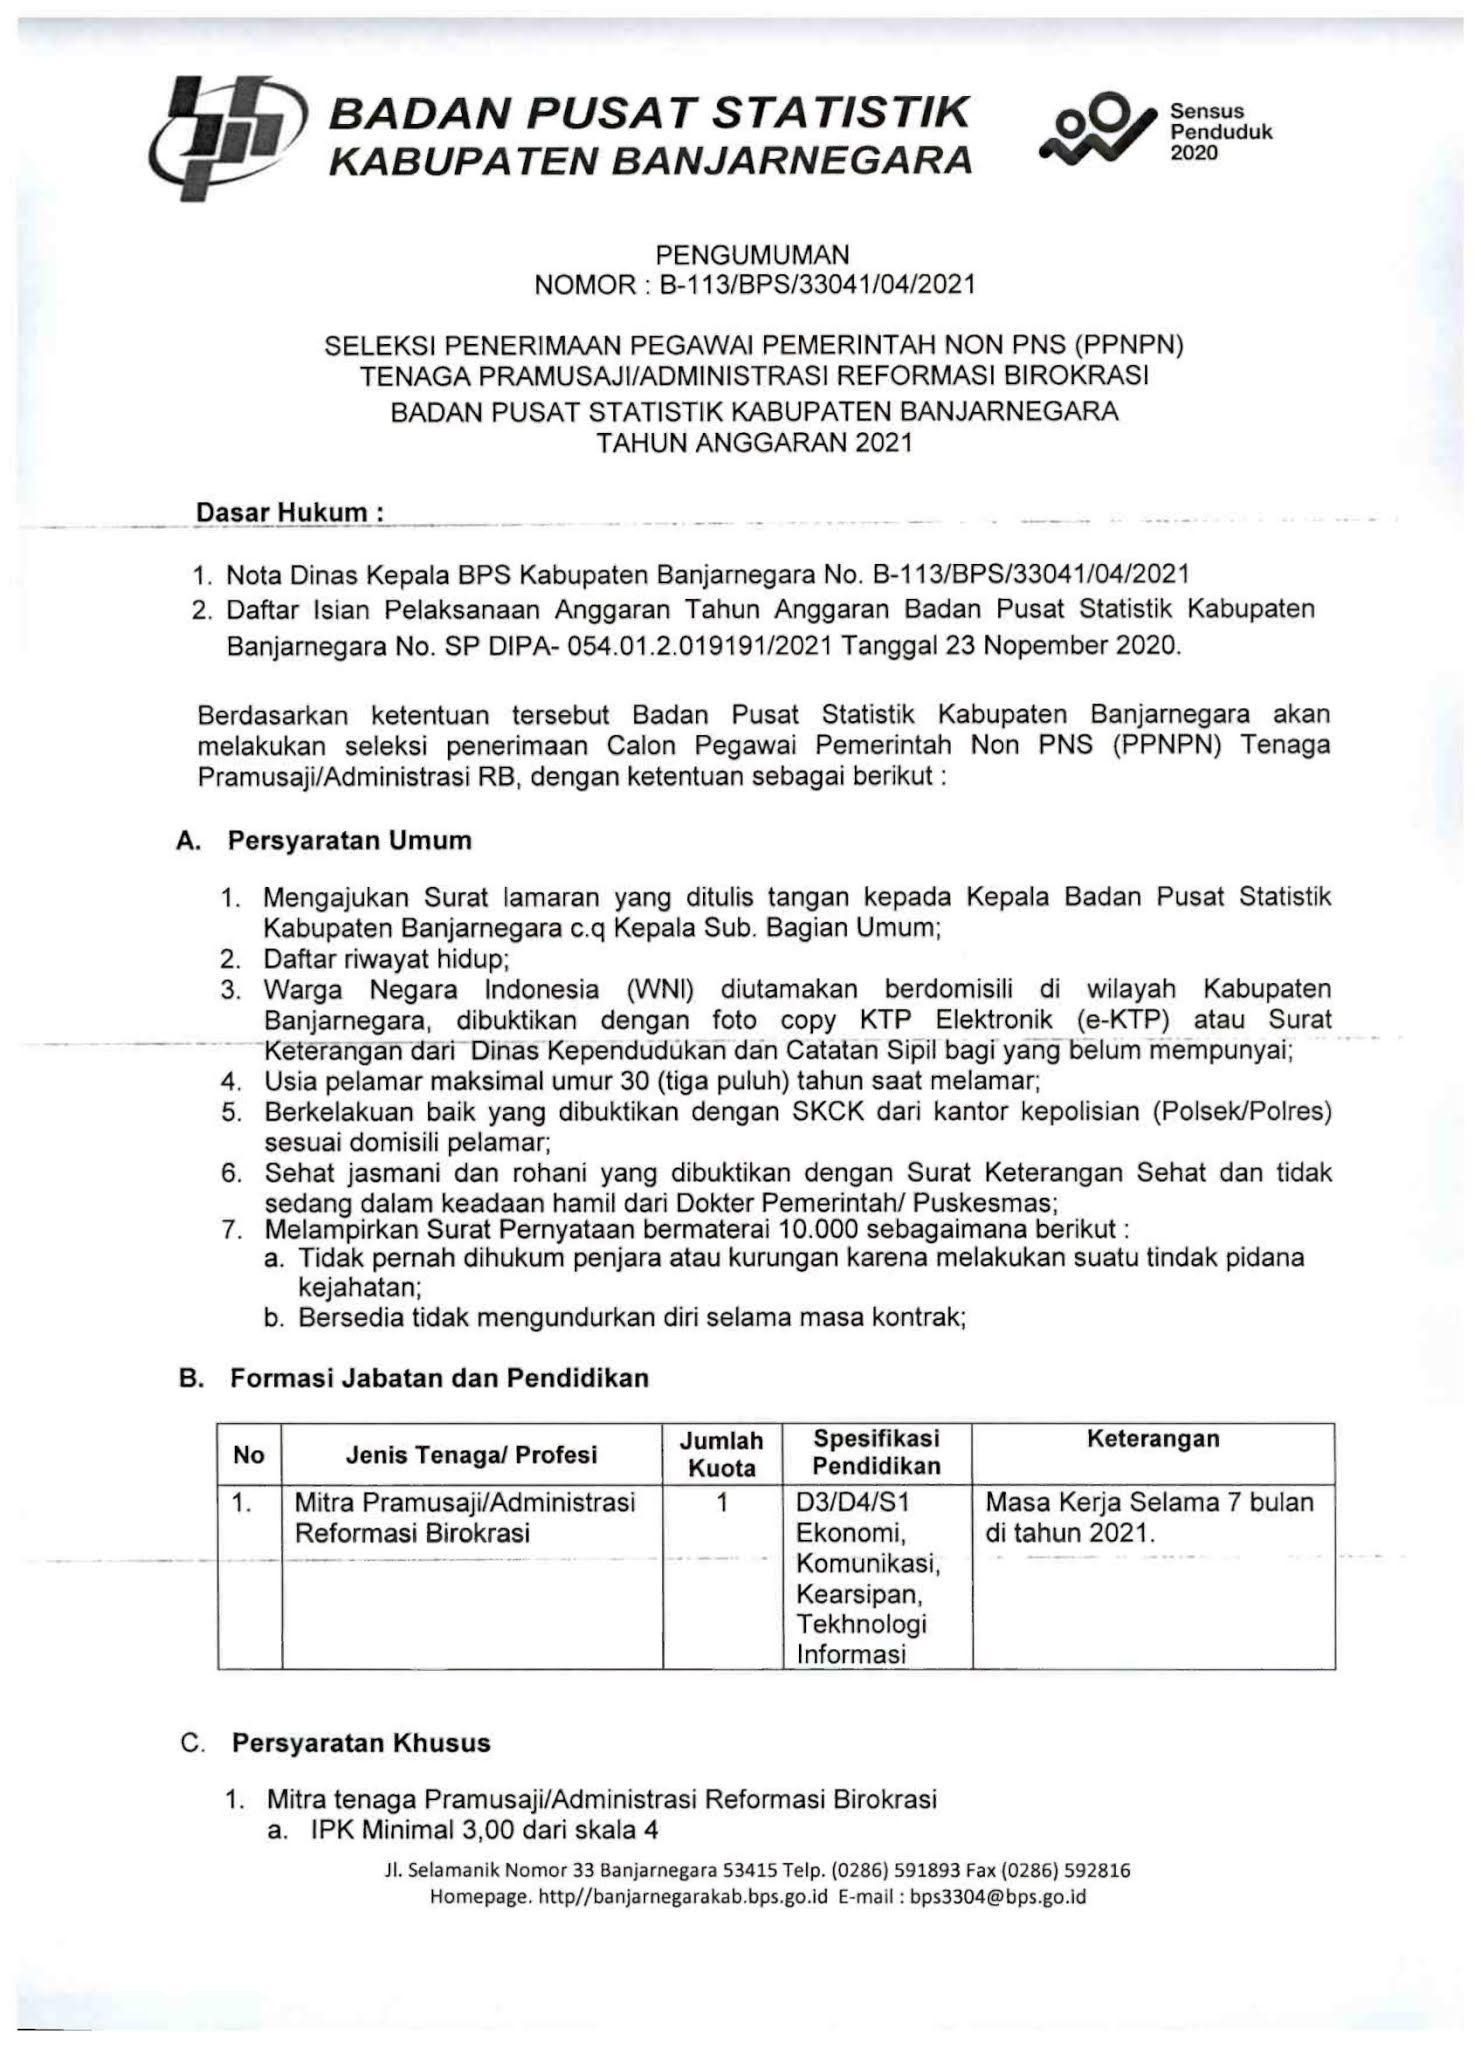 Lowongan Kerja Non PNS Tenaga PPNPN Badan Pusat Statistik (BPS) April 2021